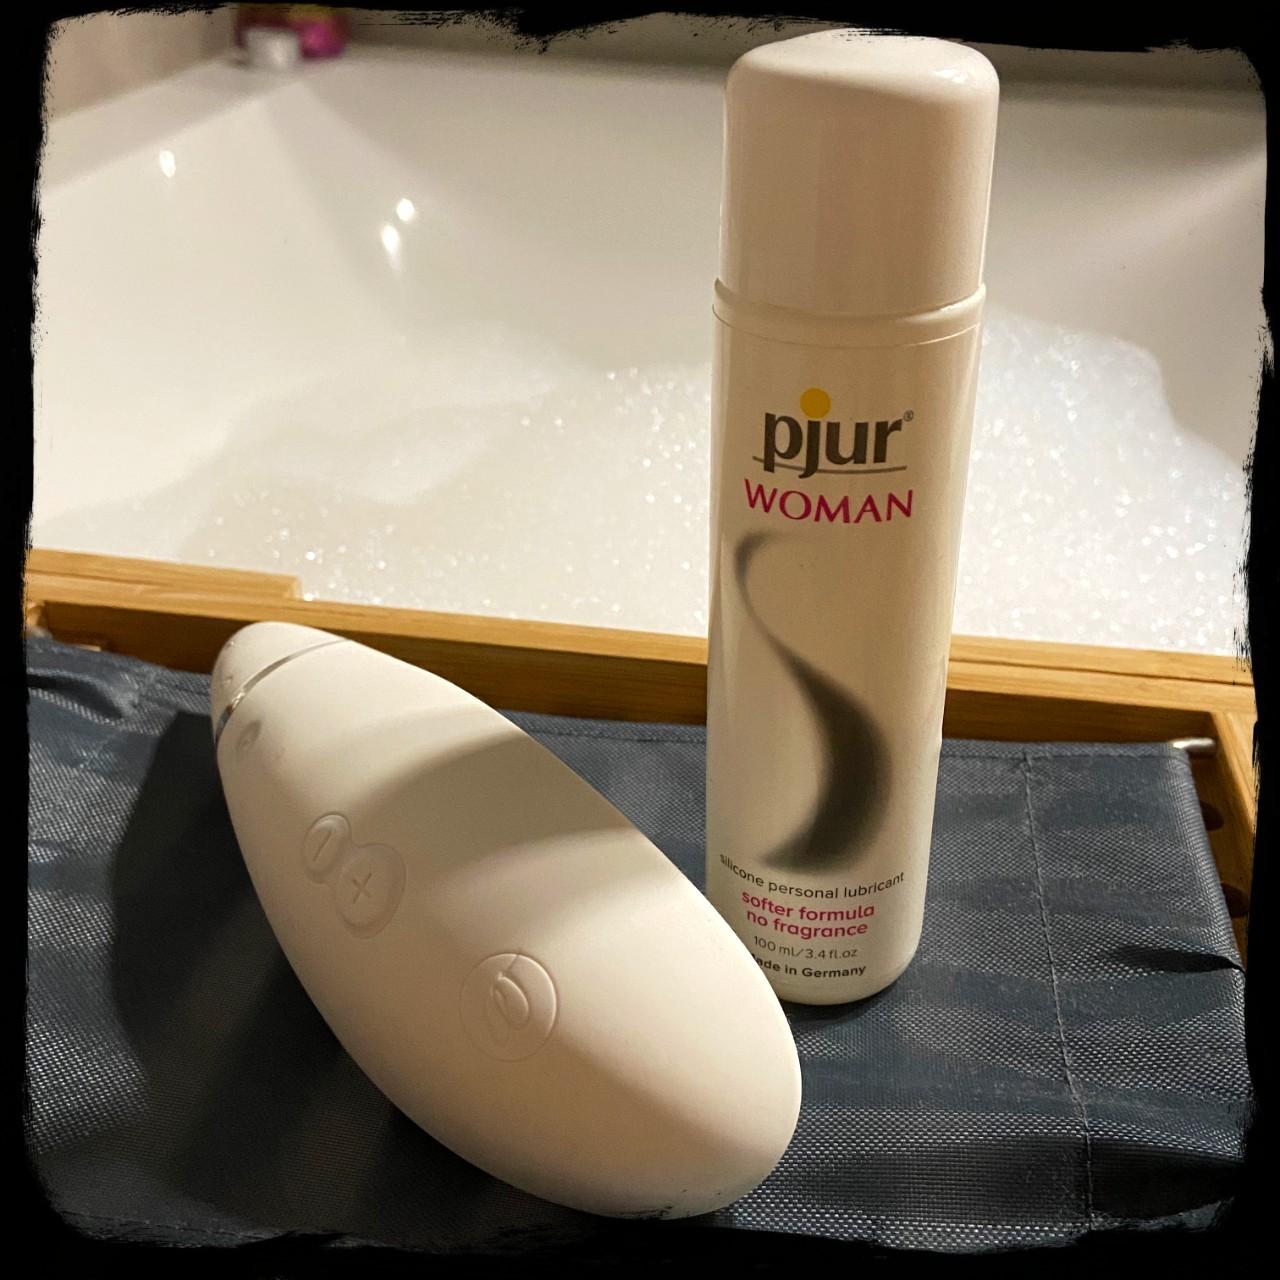 De Womanizer Premium en het Woman glijmiddel van Pjur met badschuim in de achtergrond.